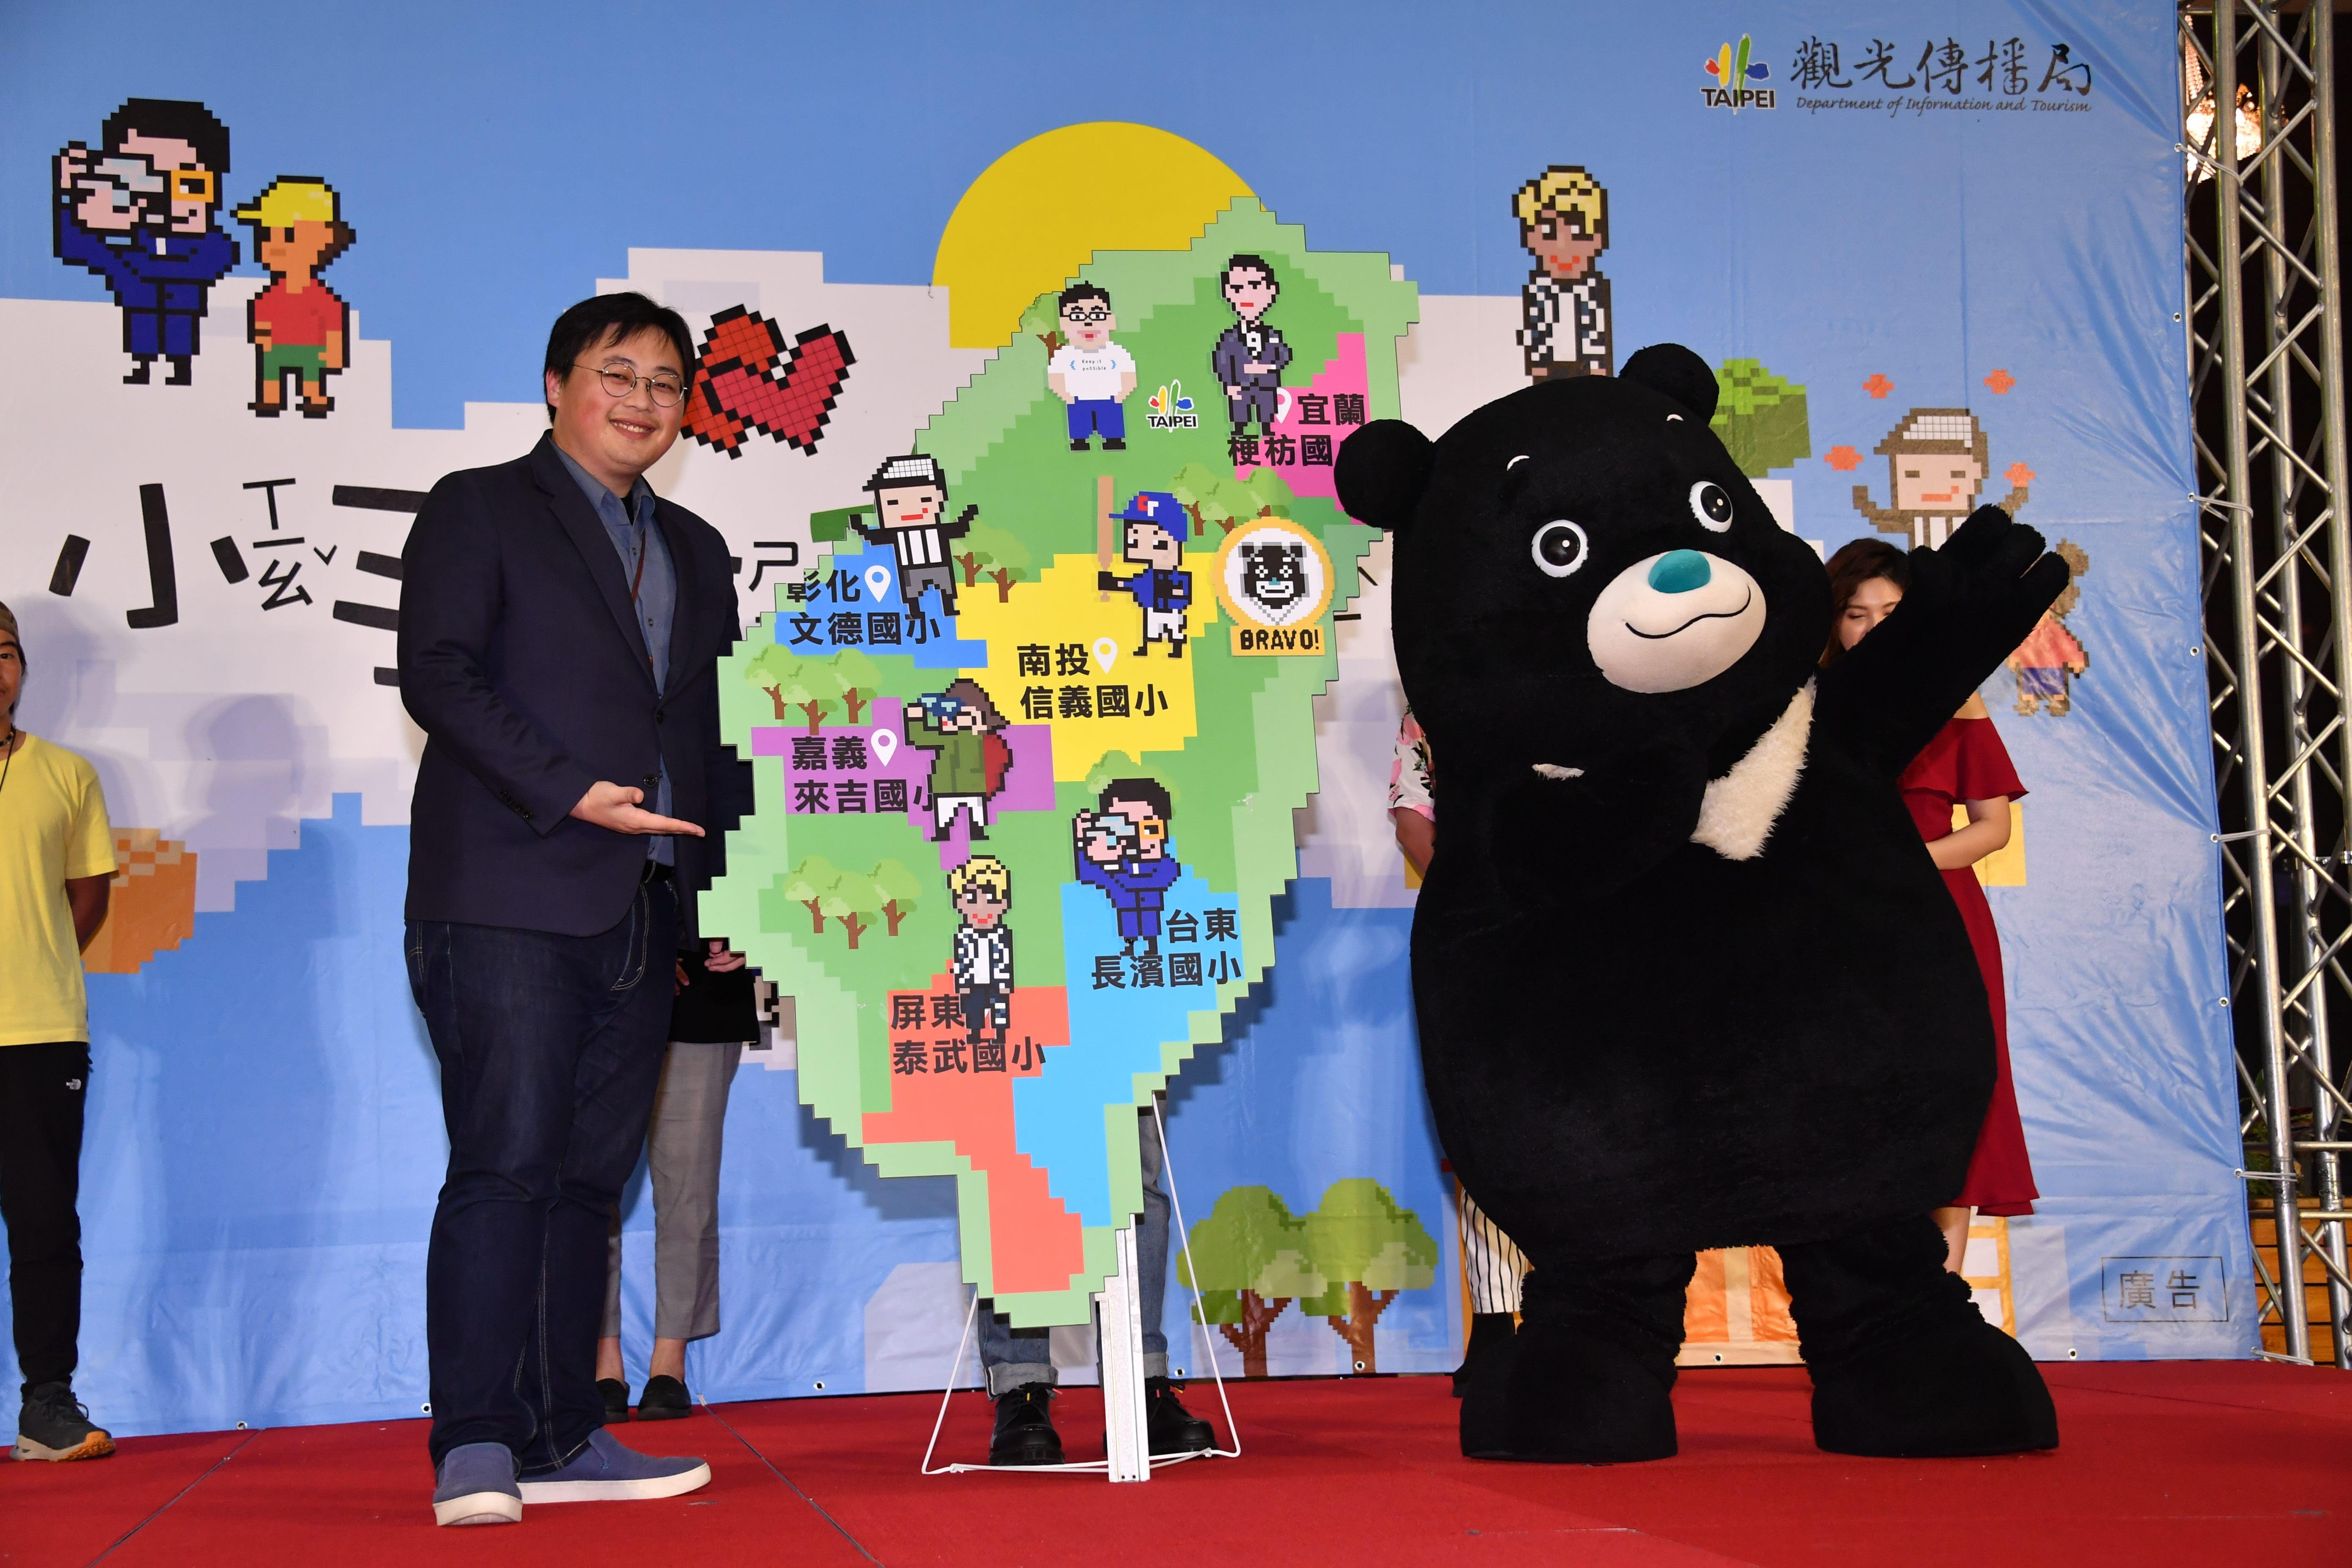 熊讚與大熊送愛全台邀小朋友一起圓夢